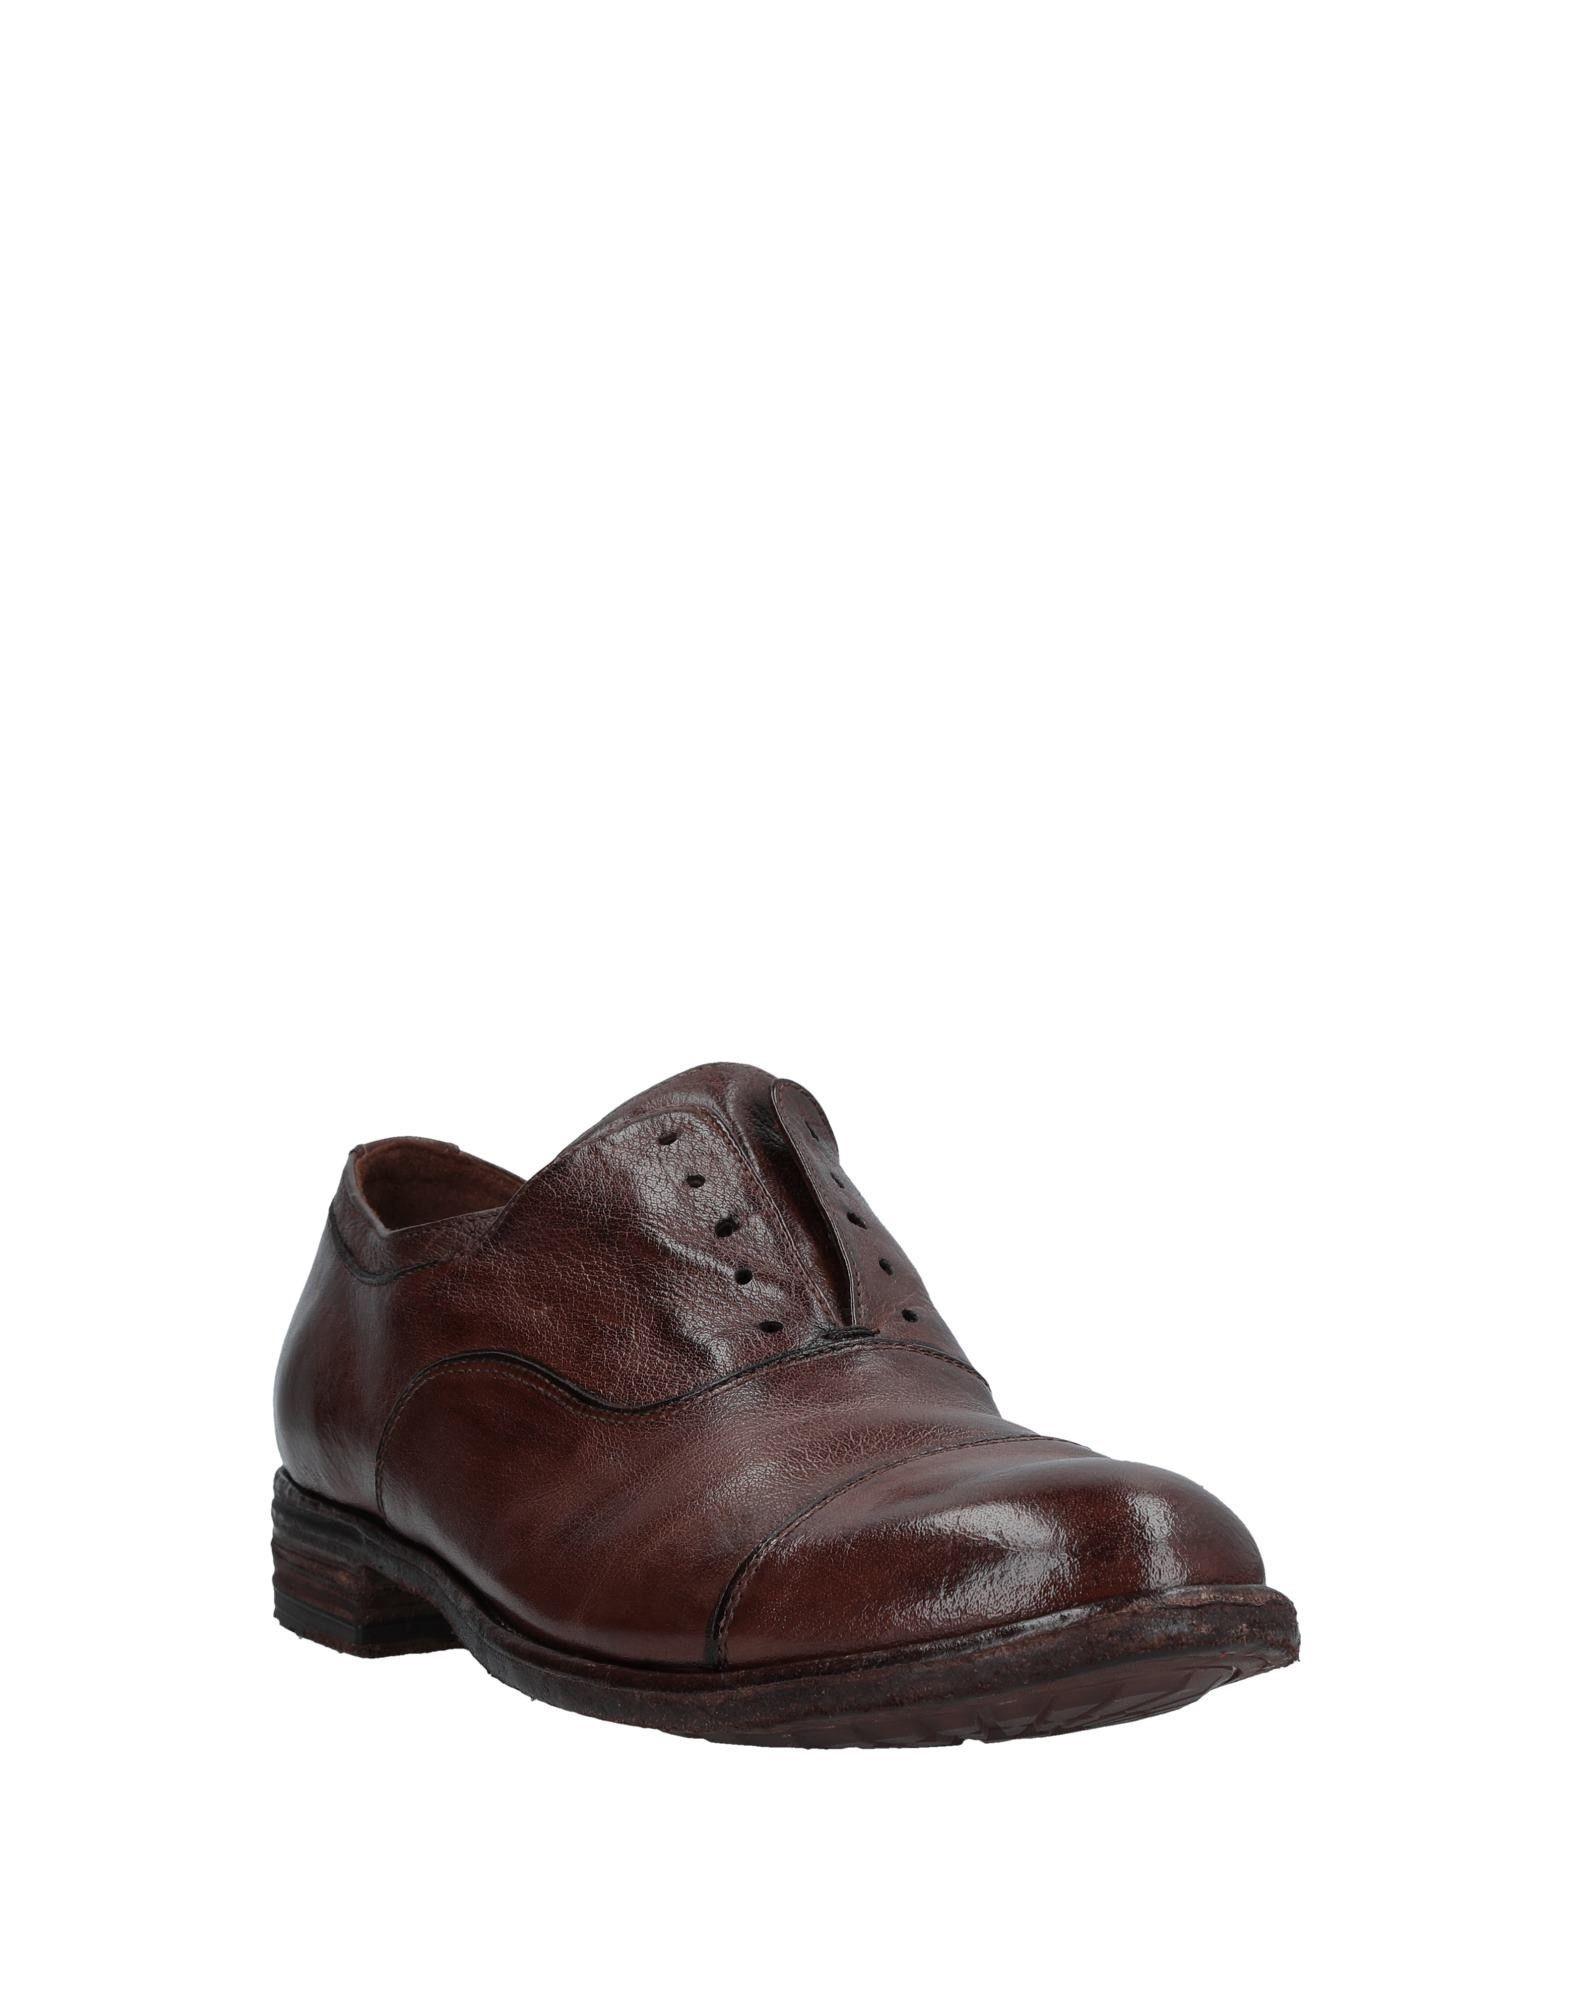 Officine Creative Italia Mokassins Herren Herren Mokassins  11527944SE Neue Schuhe 2242d4